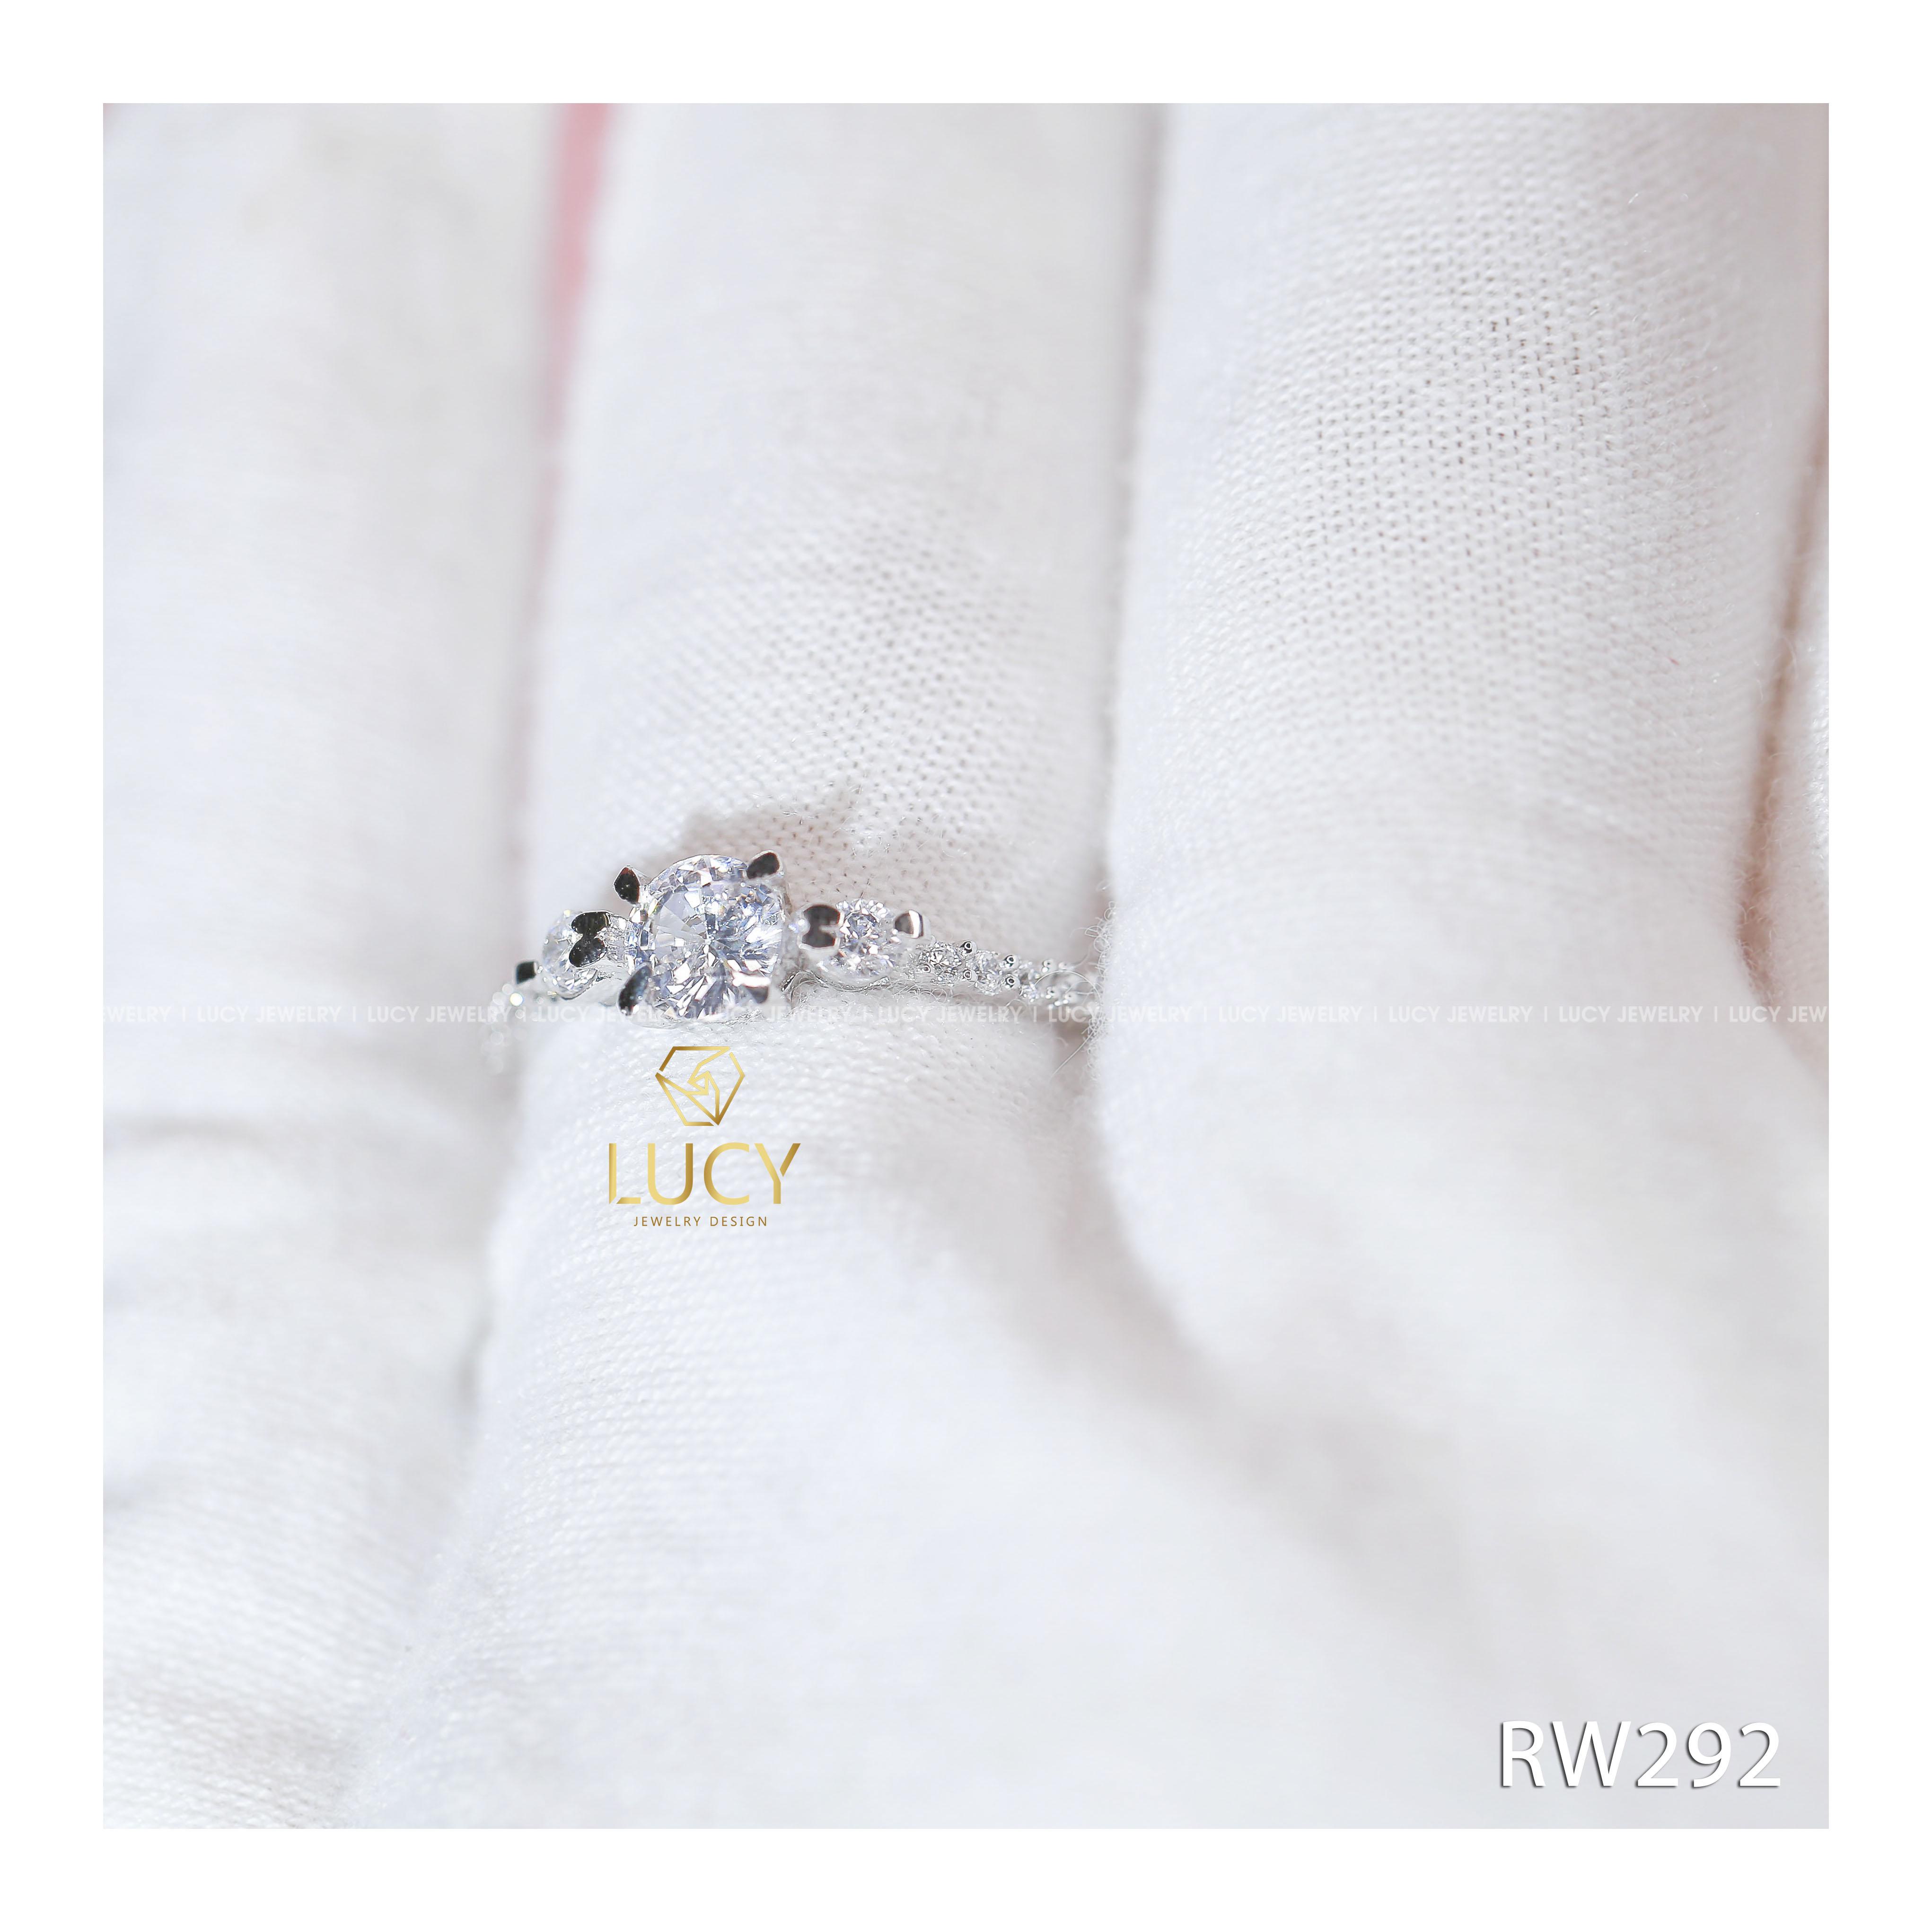 Nhẫn nữ đá nhỏ phong cách nữ tính, ngọt ngào, bạc LUCY - RW292